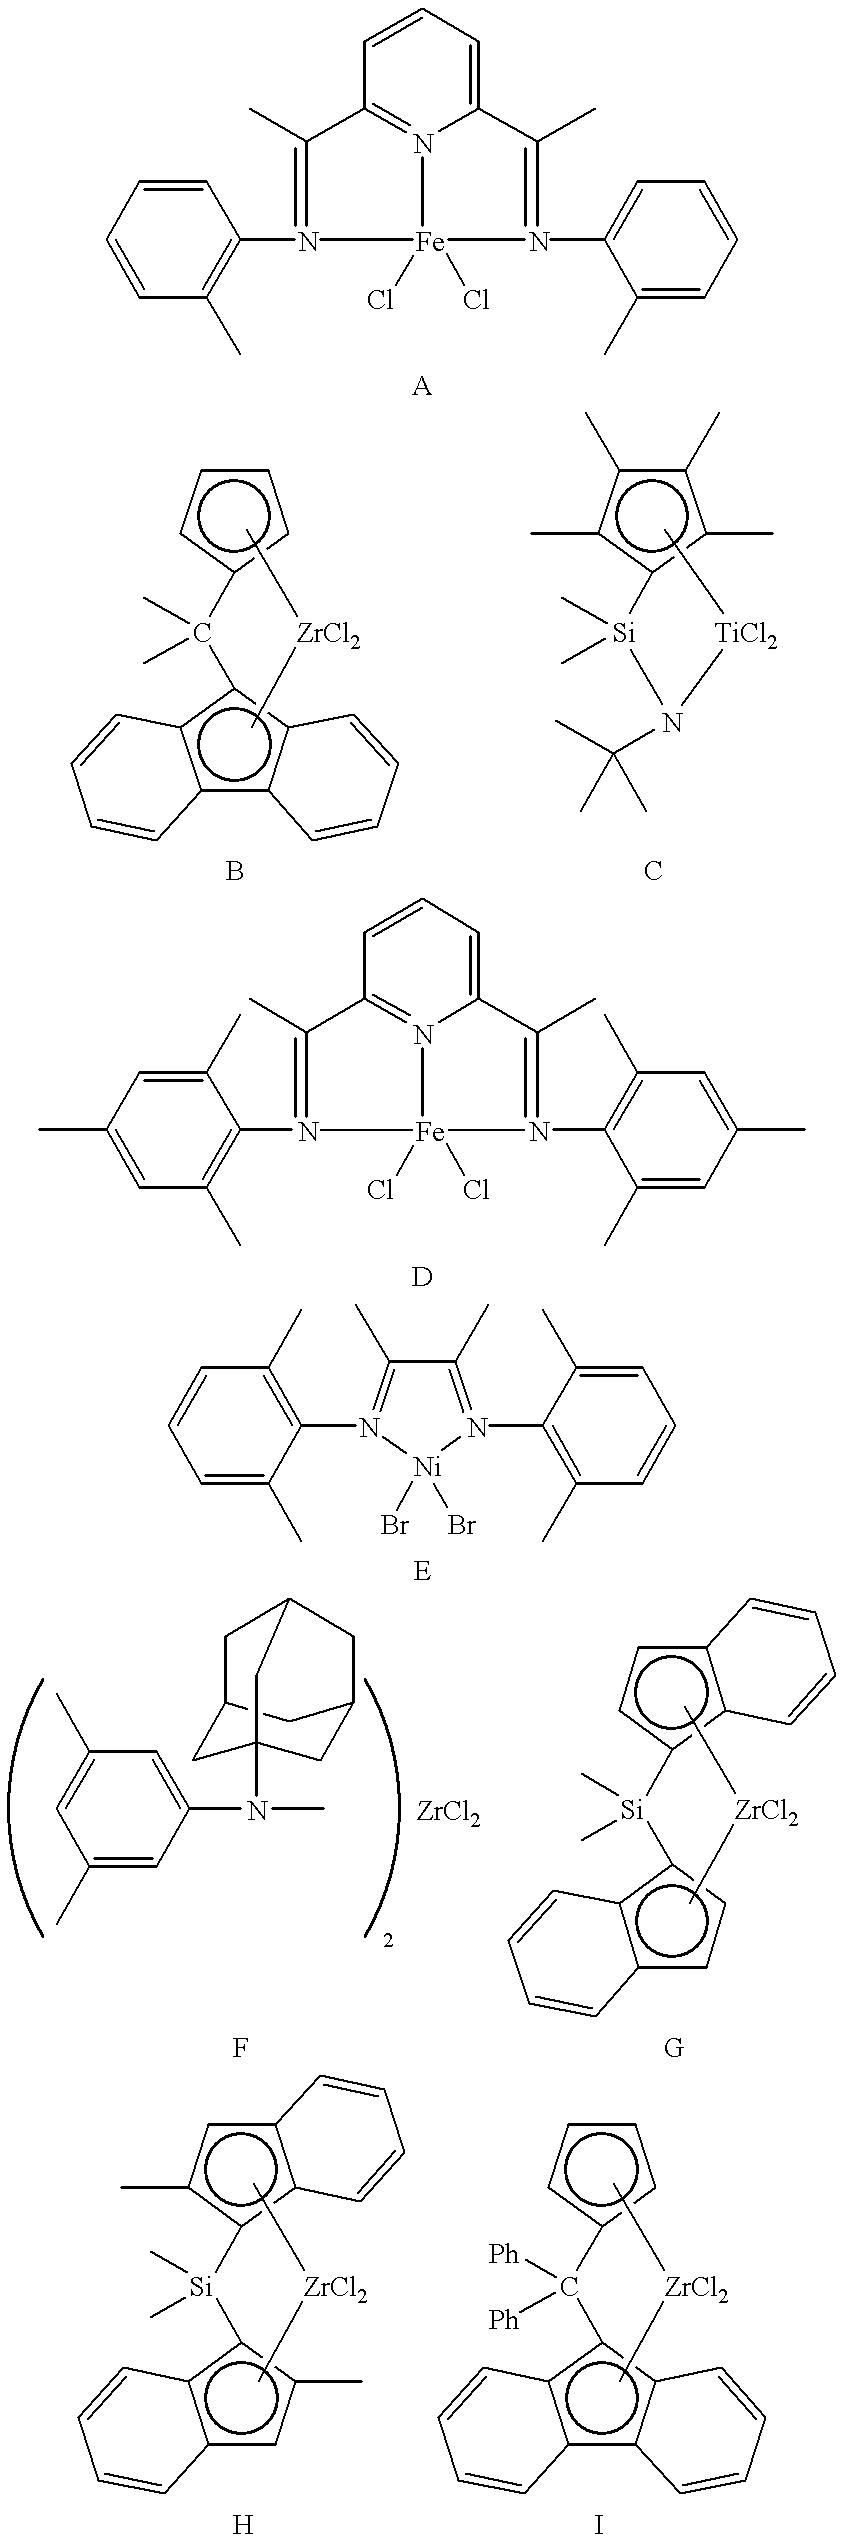 Figure US06214761-20010410-C00034